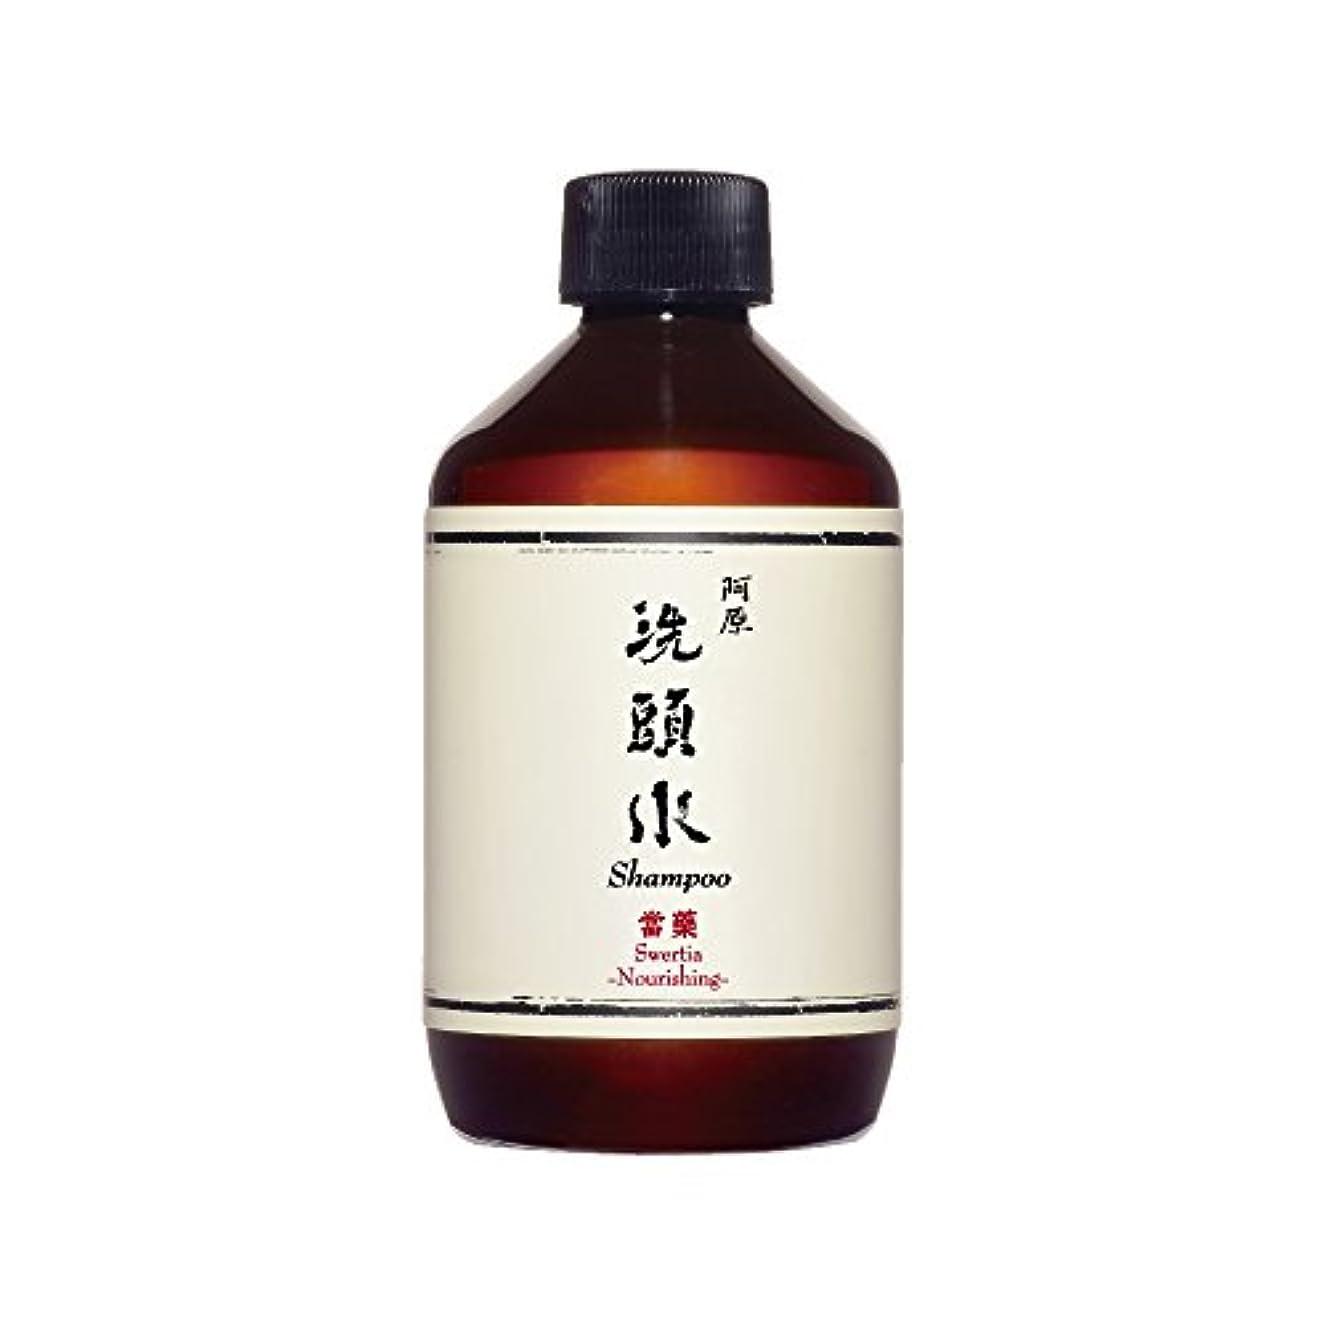 手配する安心させる証明YUAN(ユアン) 當藥(センブリ)スカルプシャンプー 50ml